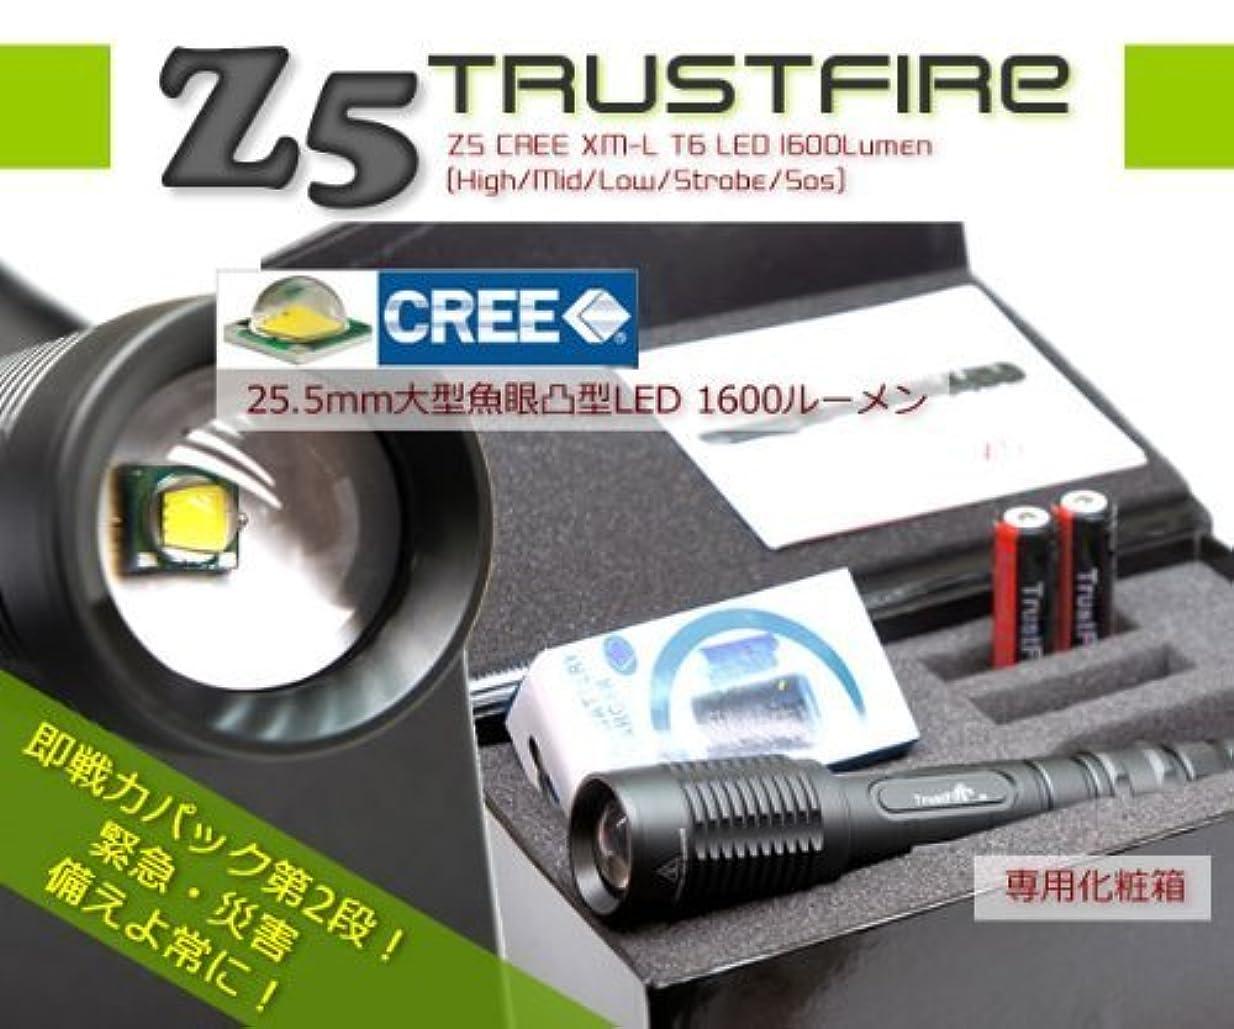 タッチニュースケントTrustFire Z5 最新モデル XML-T6 LED 8W 1600ルーメン 5モード 18650電池2本+充電器 フルセット